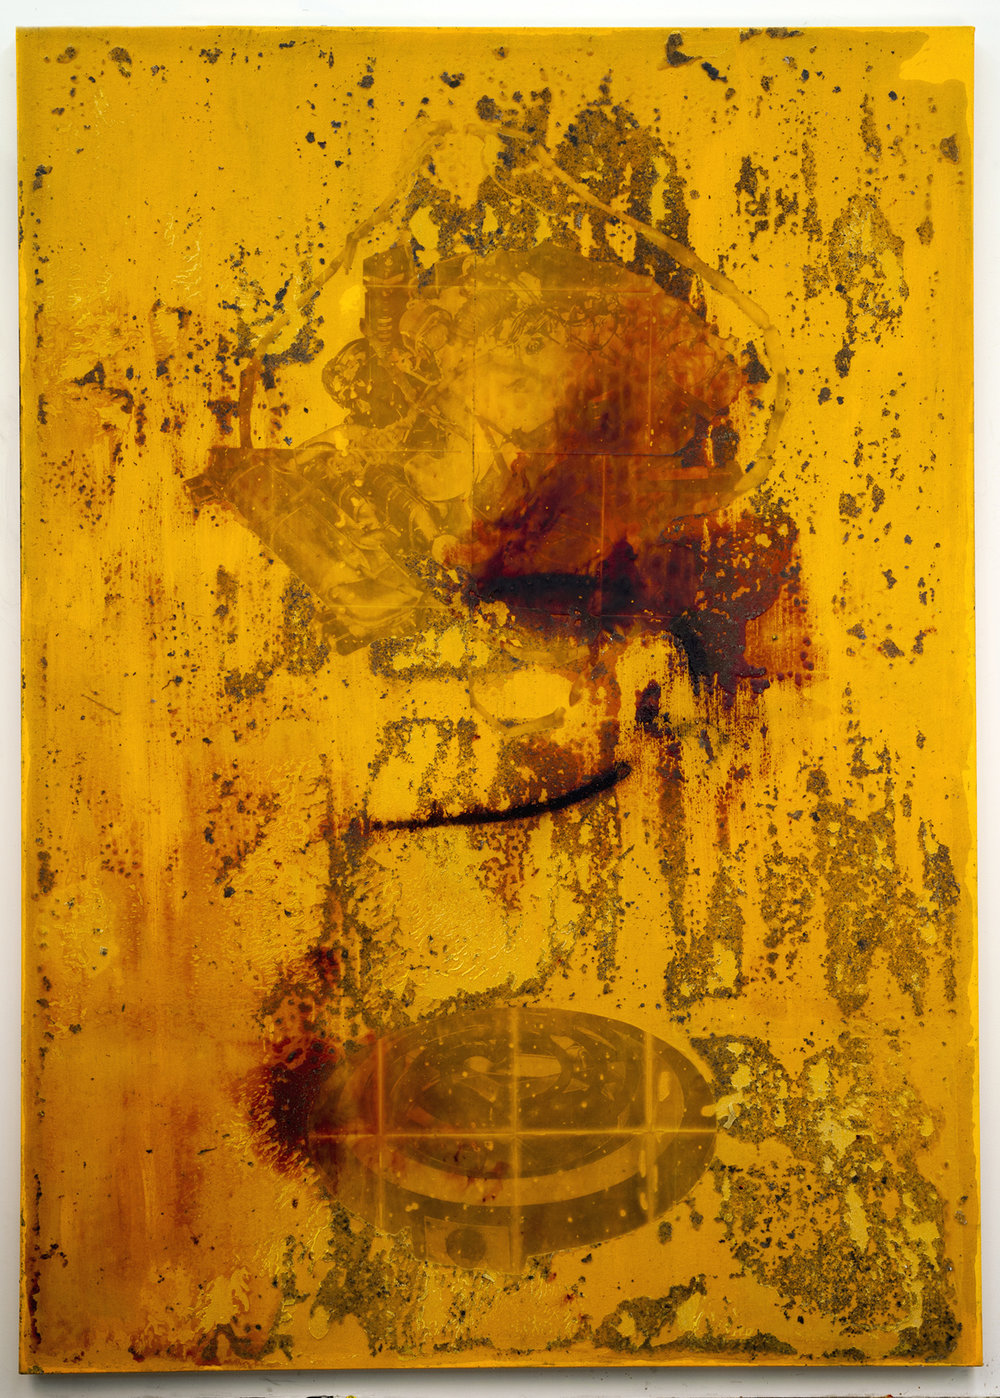 JPW3, SSB w/ F w/O, 2015, wax, ink and acrylic on canvas, 84 x 60 in.